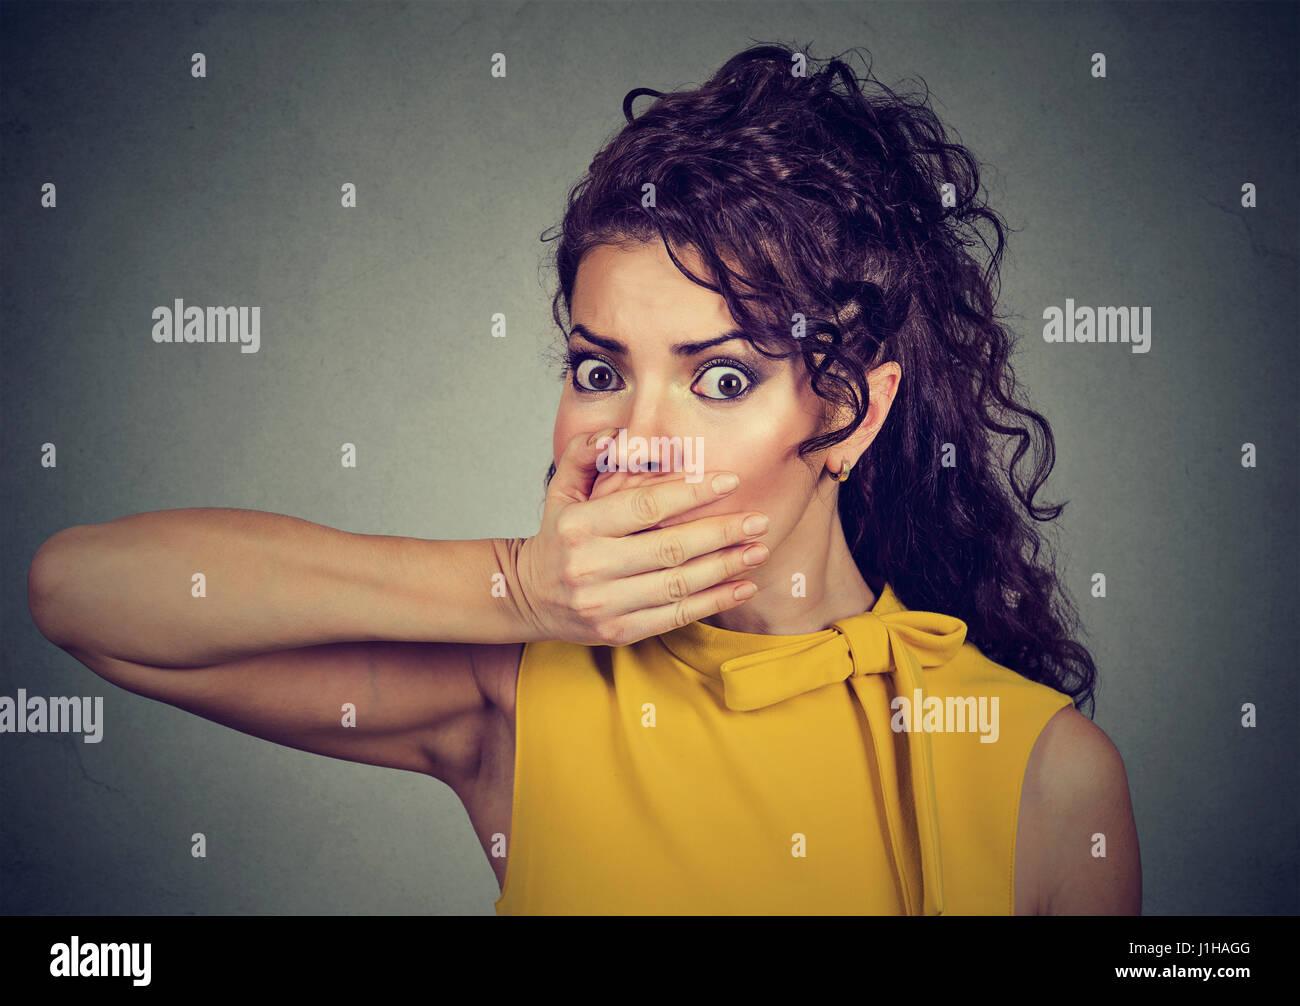 Closeup portrait of young woman peur couvrant la main avec sa bouche isolé sur fond de mur gris Photo Stock